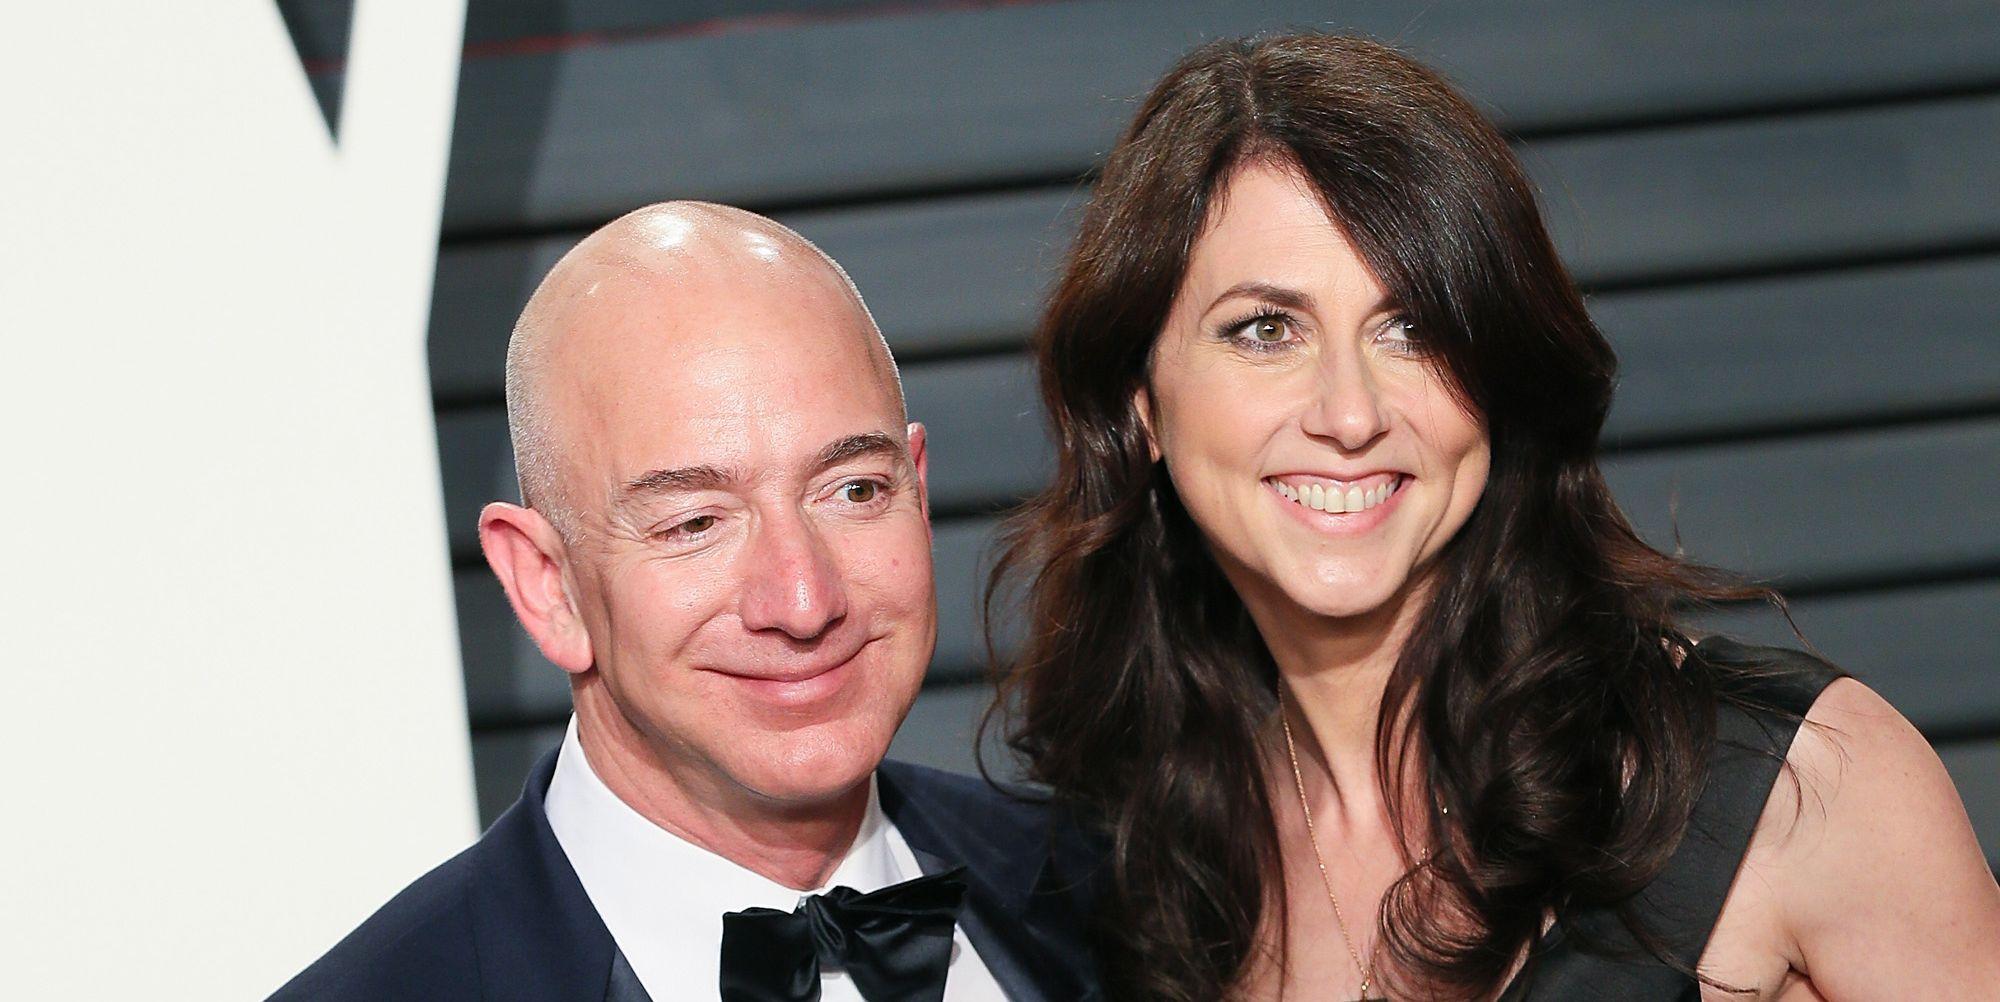 Who Is Jeff Bezos's Soon-to-Be Ex-Wife, Novelist MacKenzie Bezos?